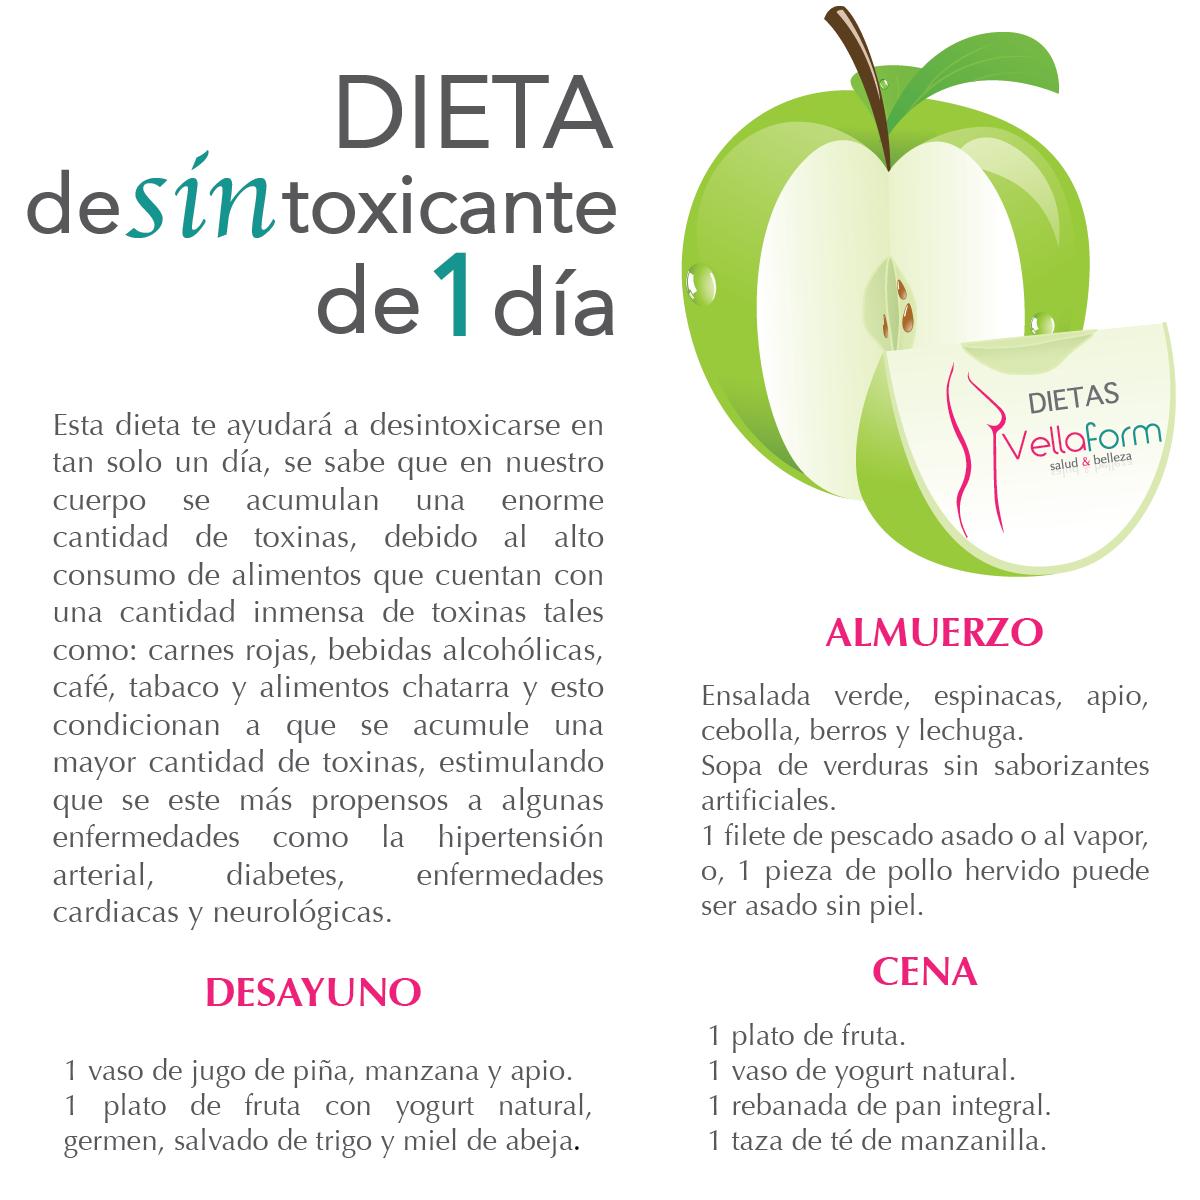 Dieta desintoxicante de un dia con frutas